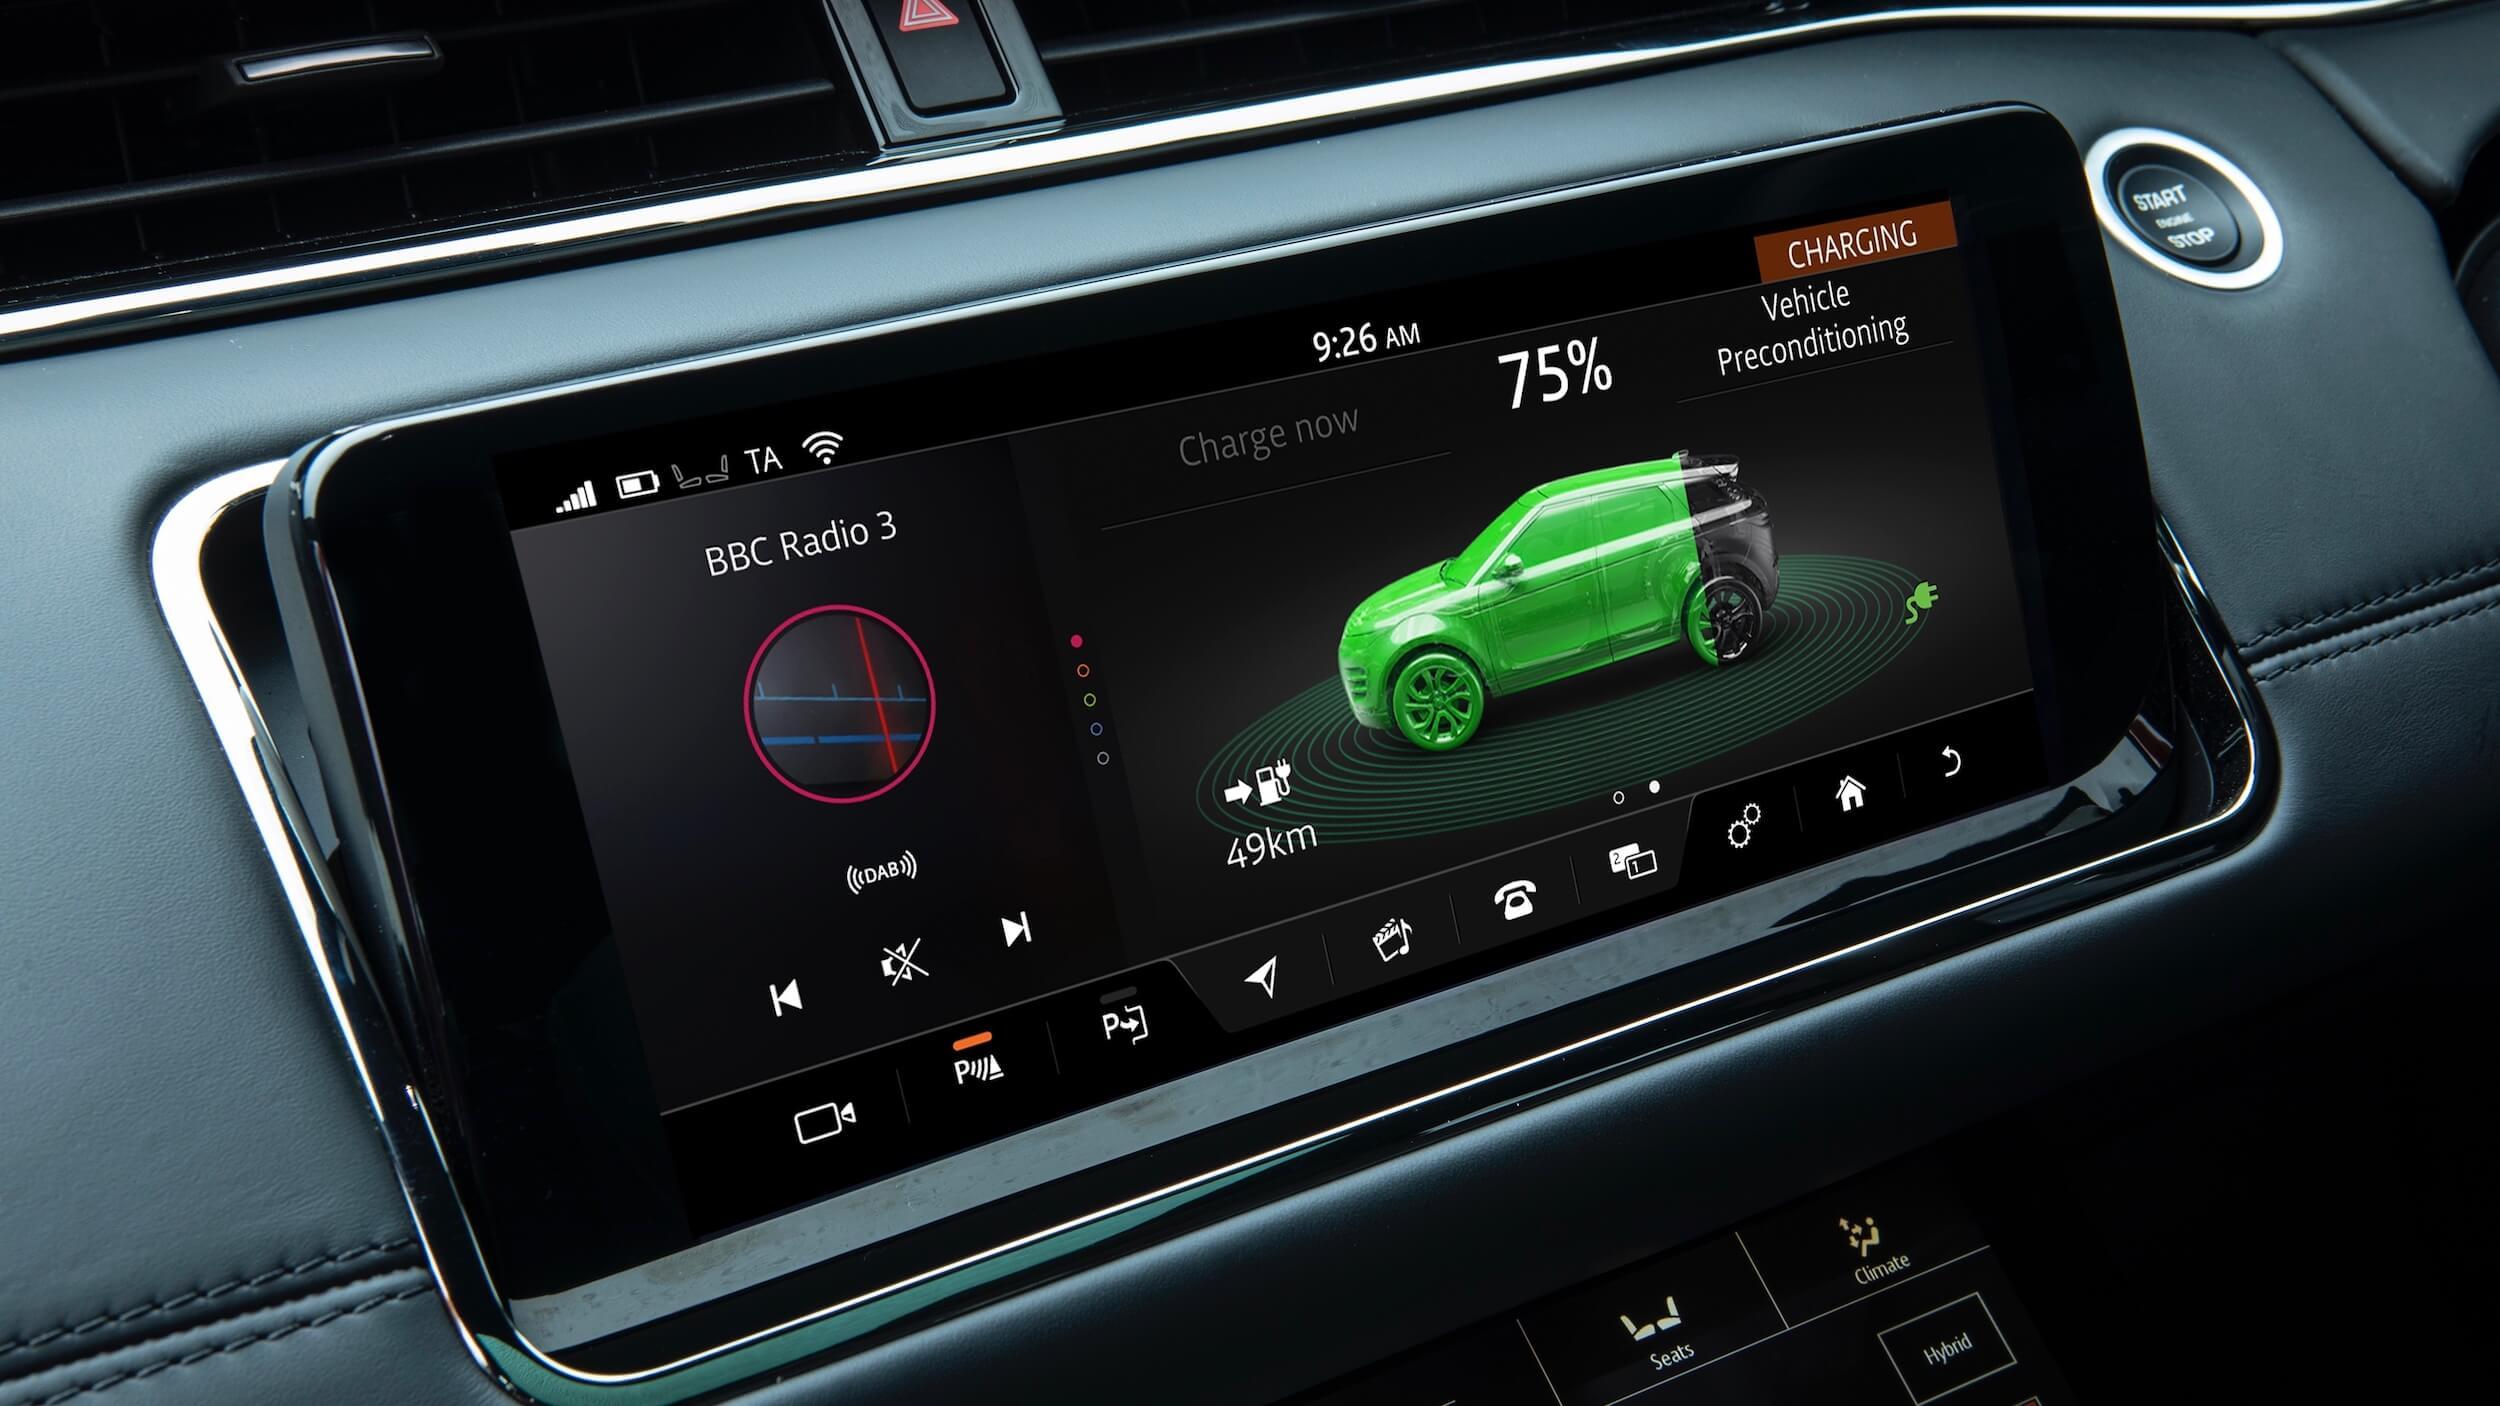 Hybride Range Rover Evoque scherm